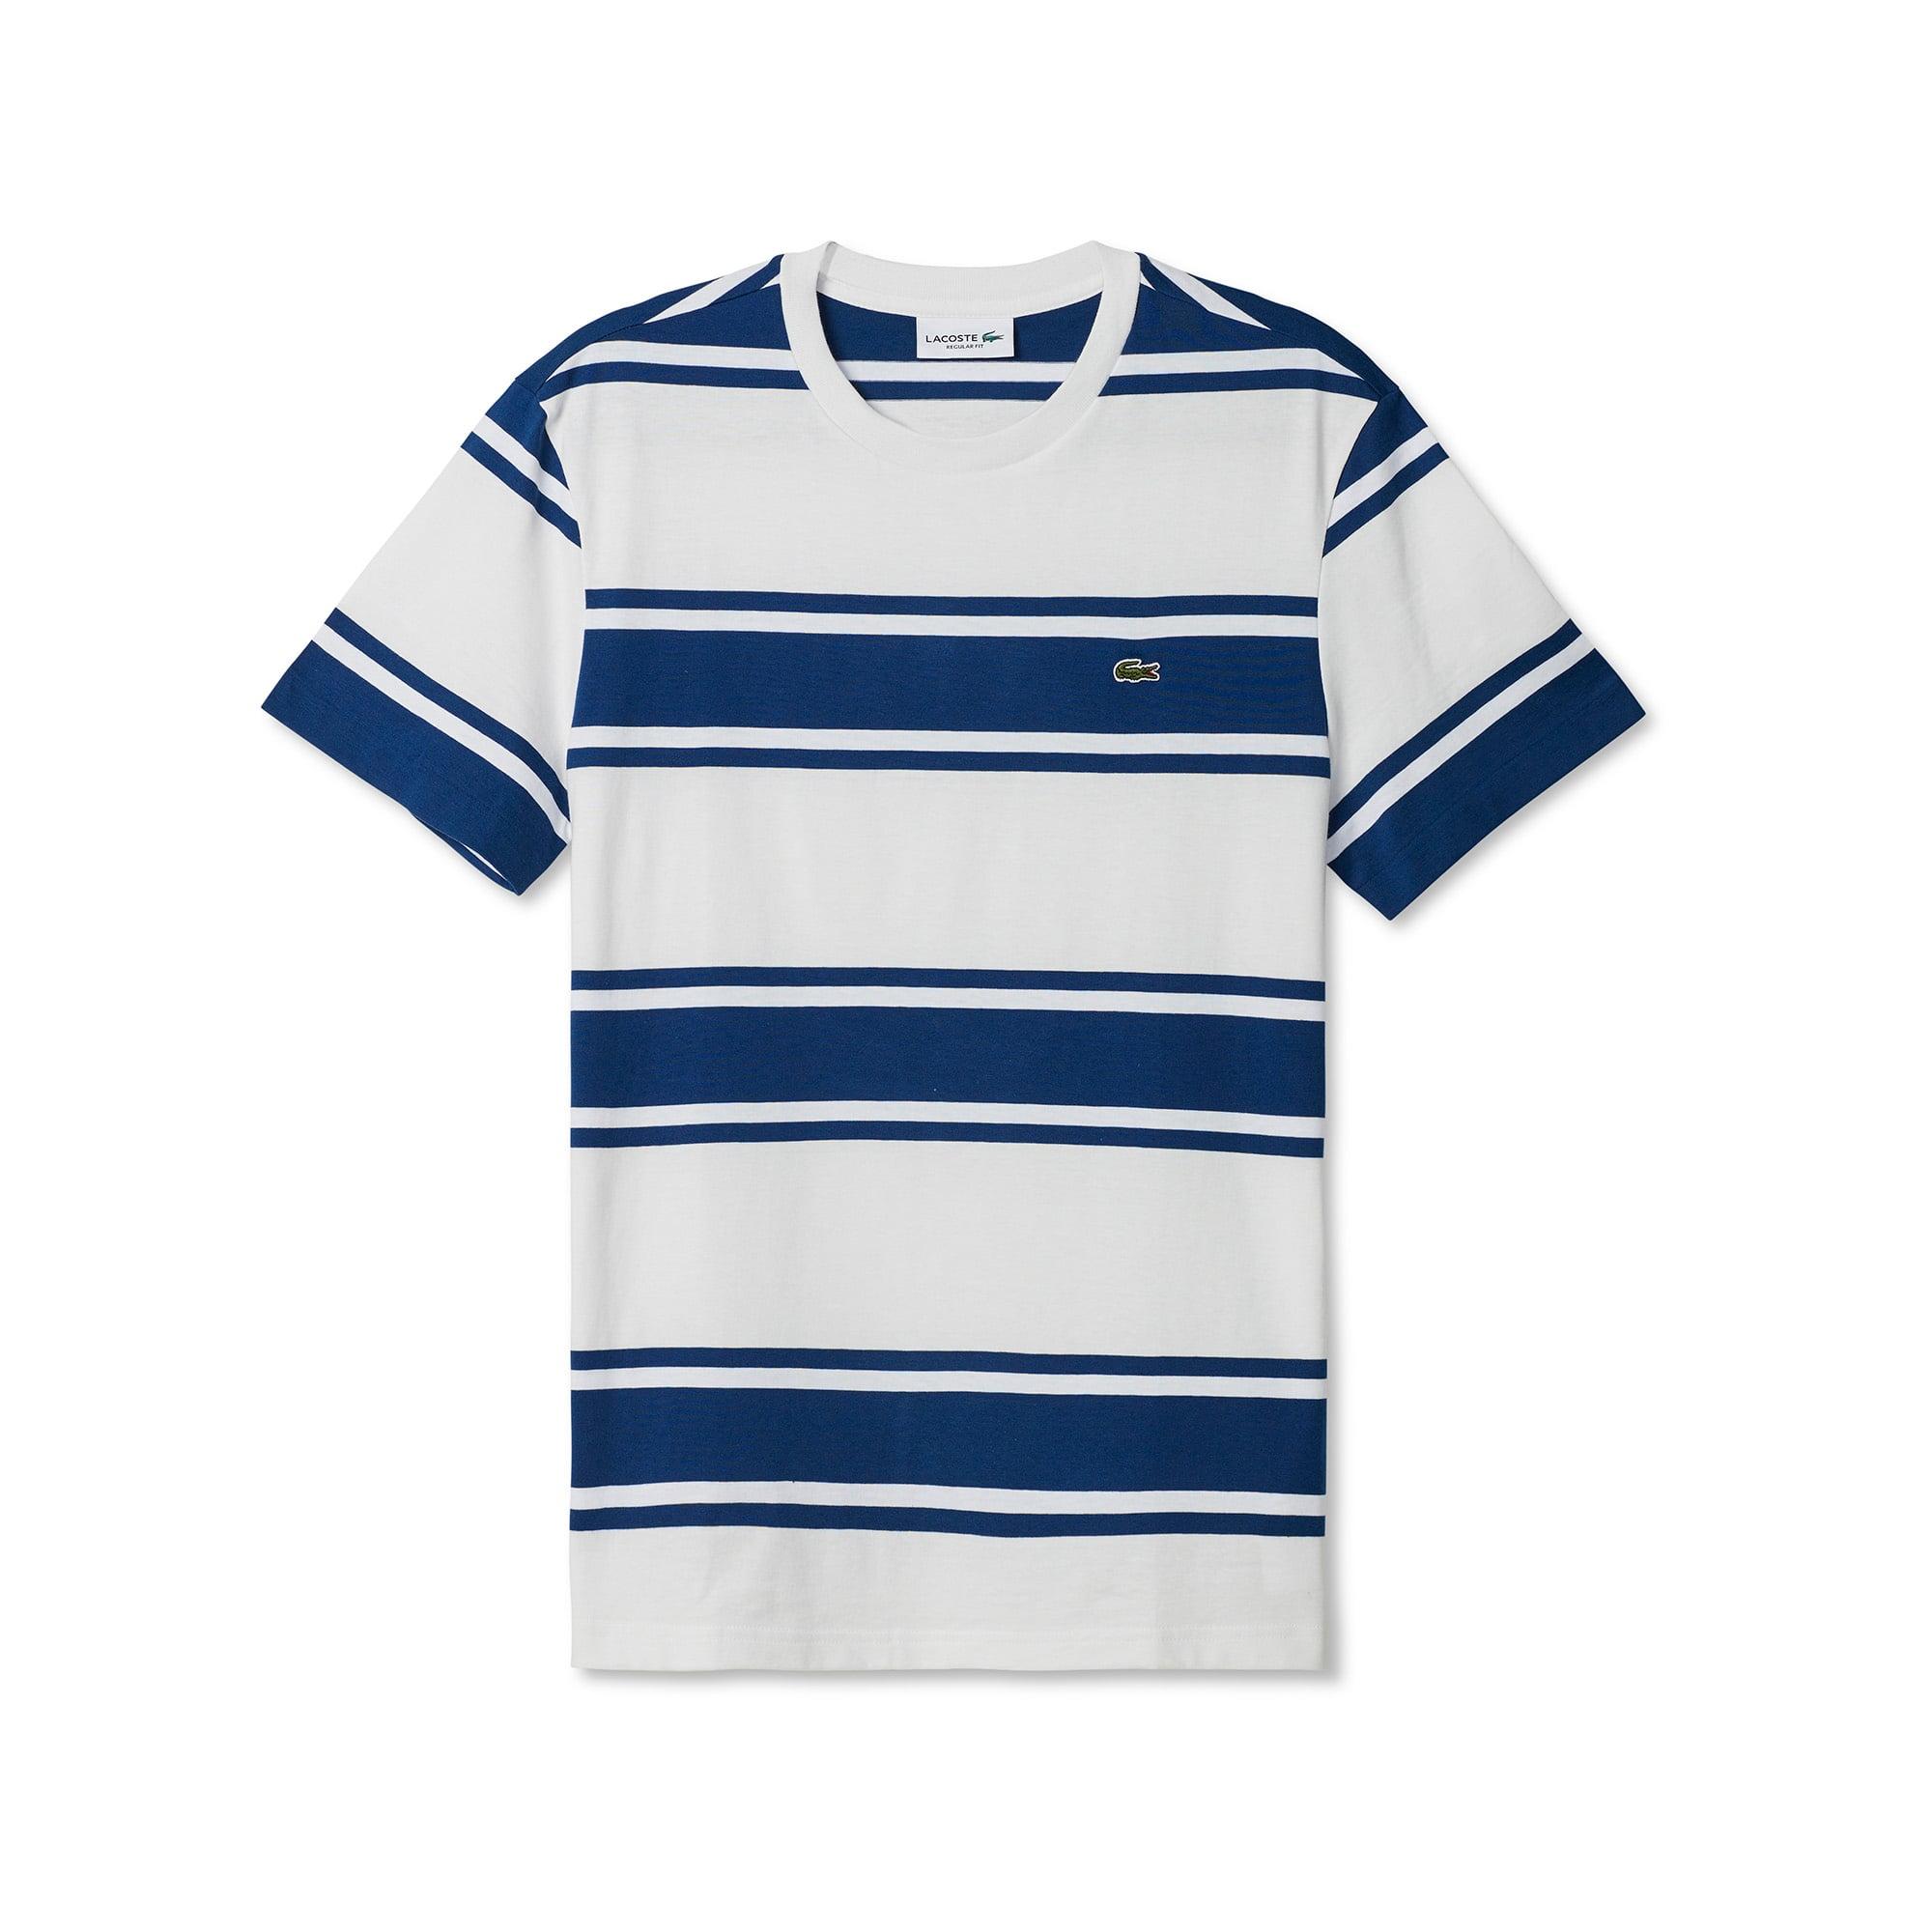 05ccc50fdb2 Camisetas